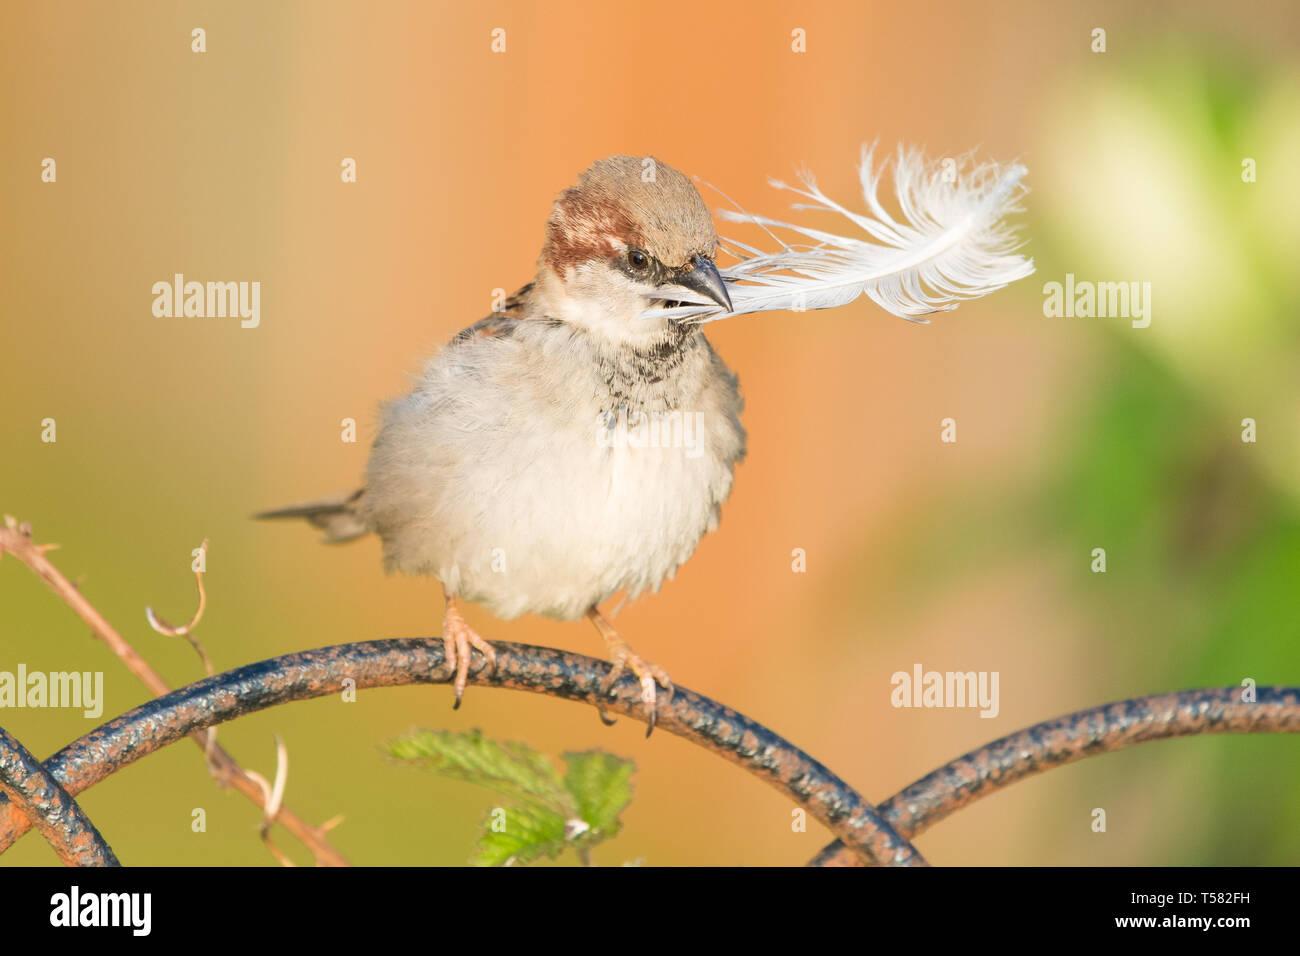 Männliche Haussperling Passer domesticus - Sammeln von Nestmaterial, große Feder in seinem Schnabel - Schottland, Großbritannien Stockbild